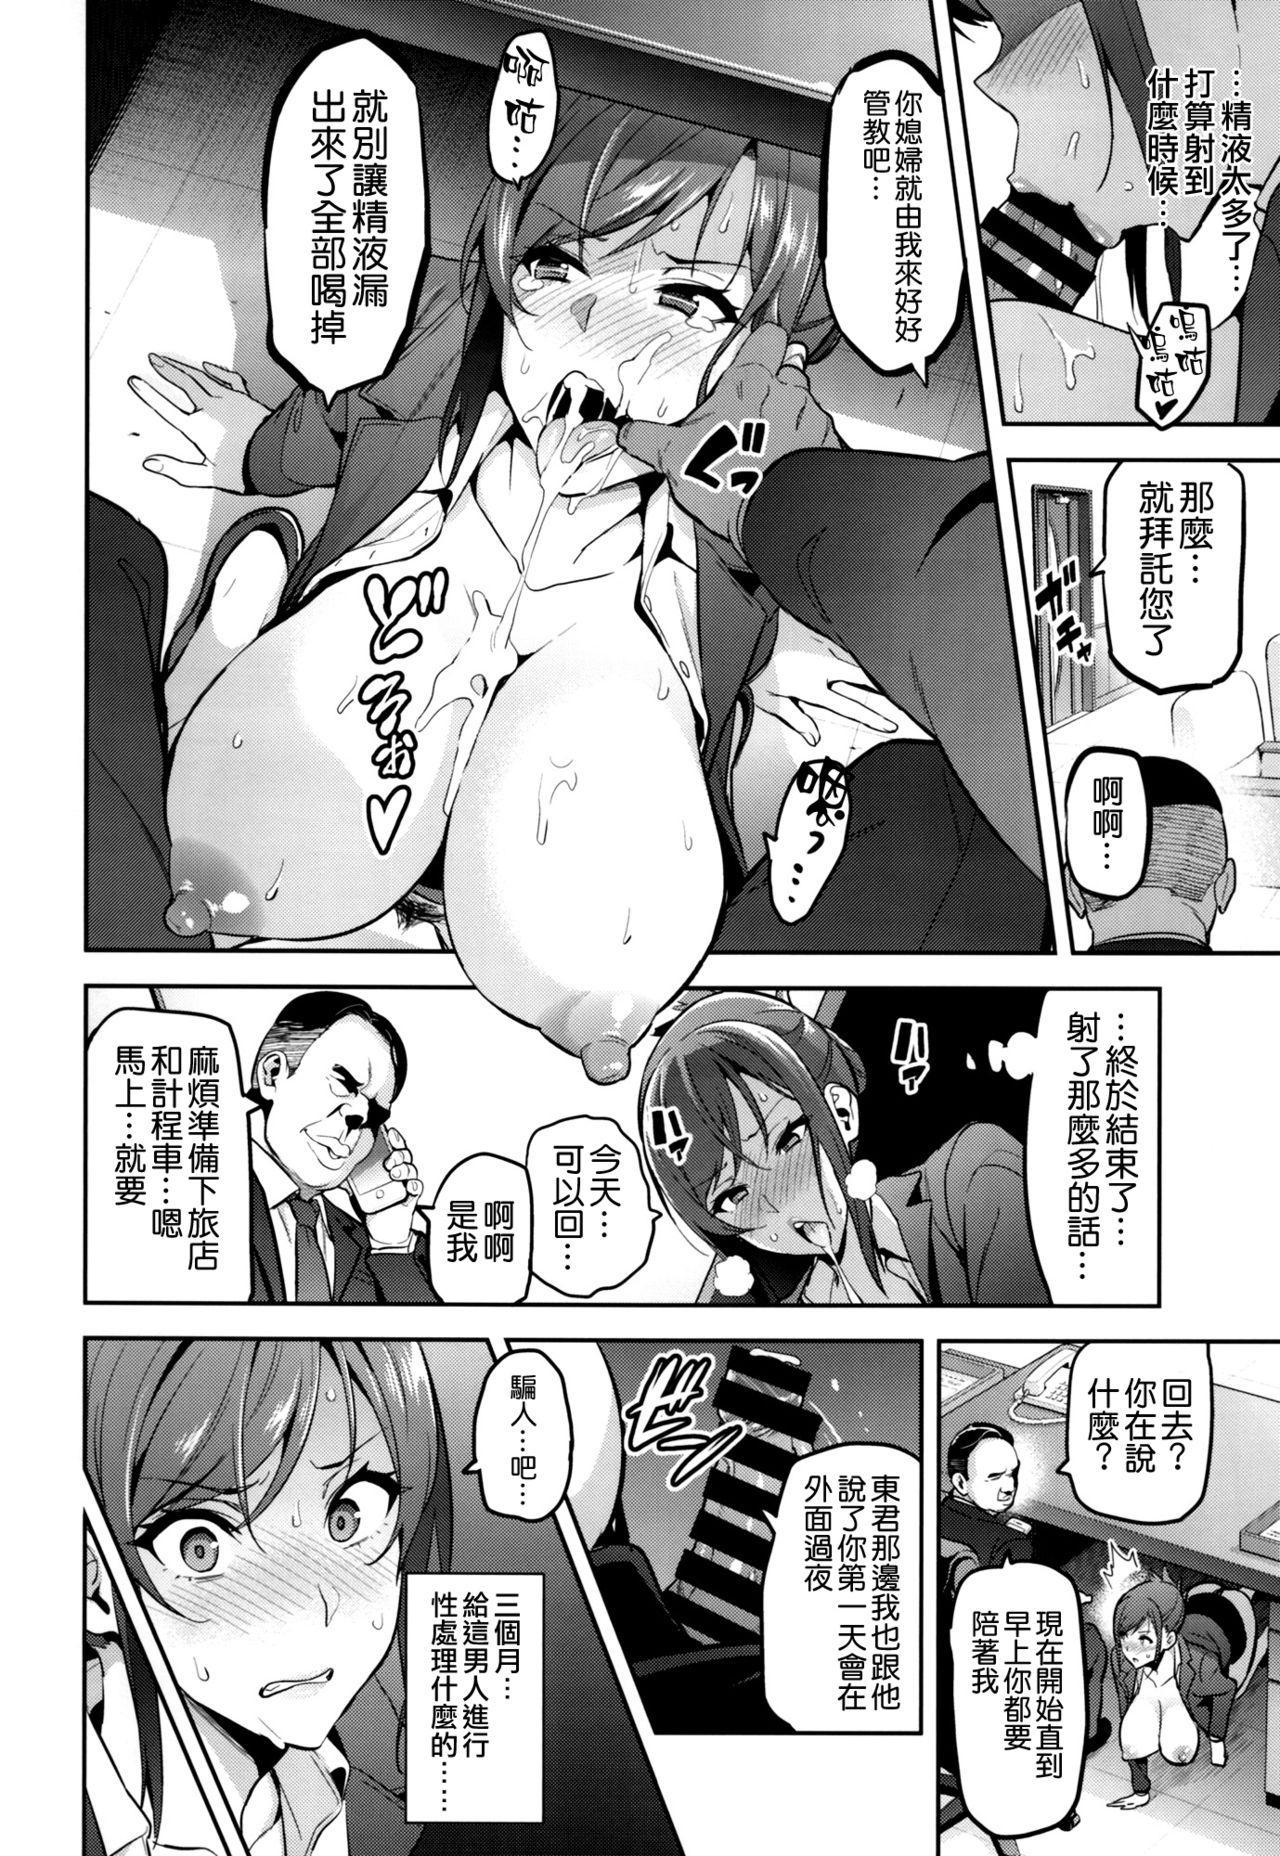 Himawari wa Yoru ni Saku 15